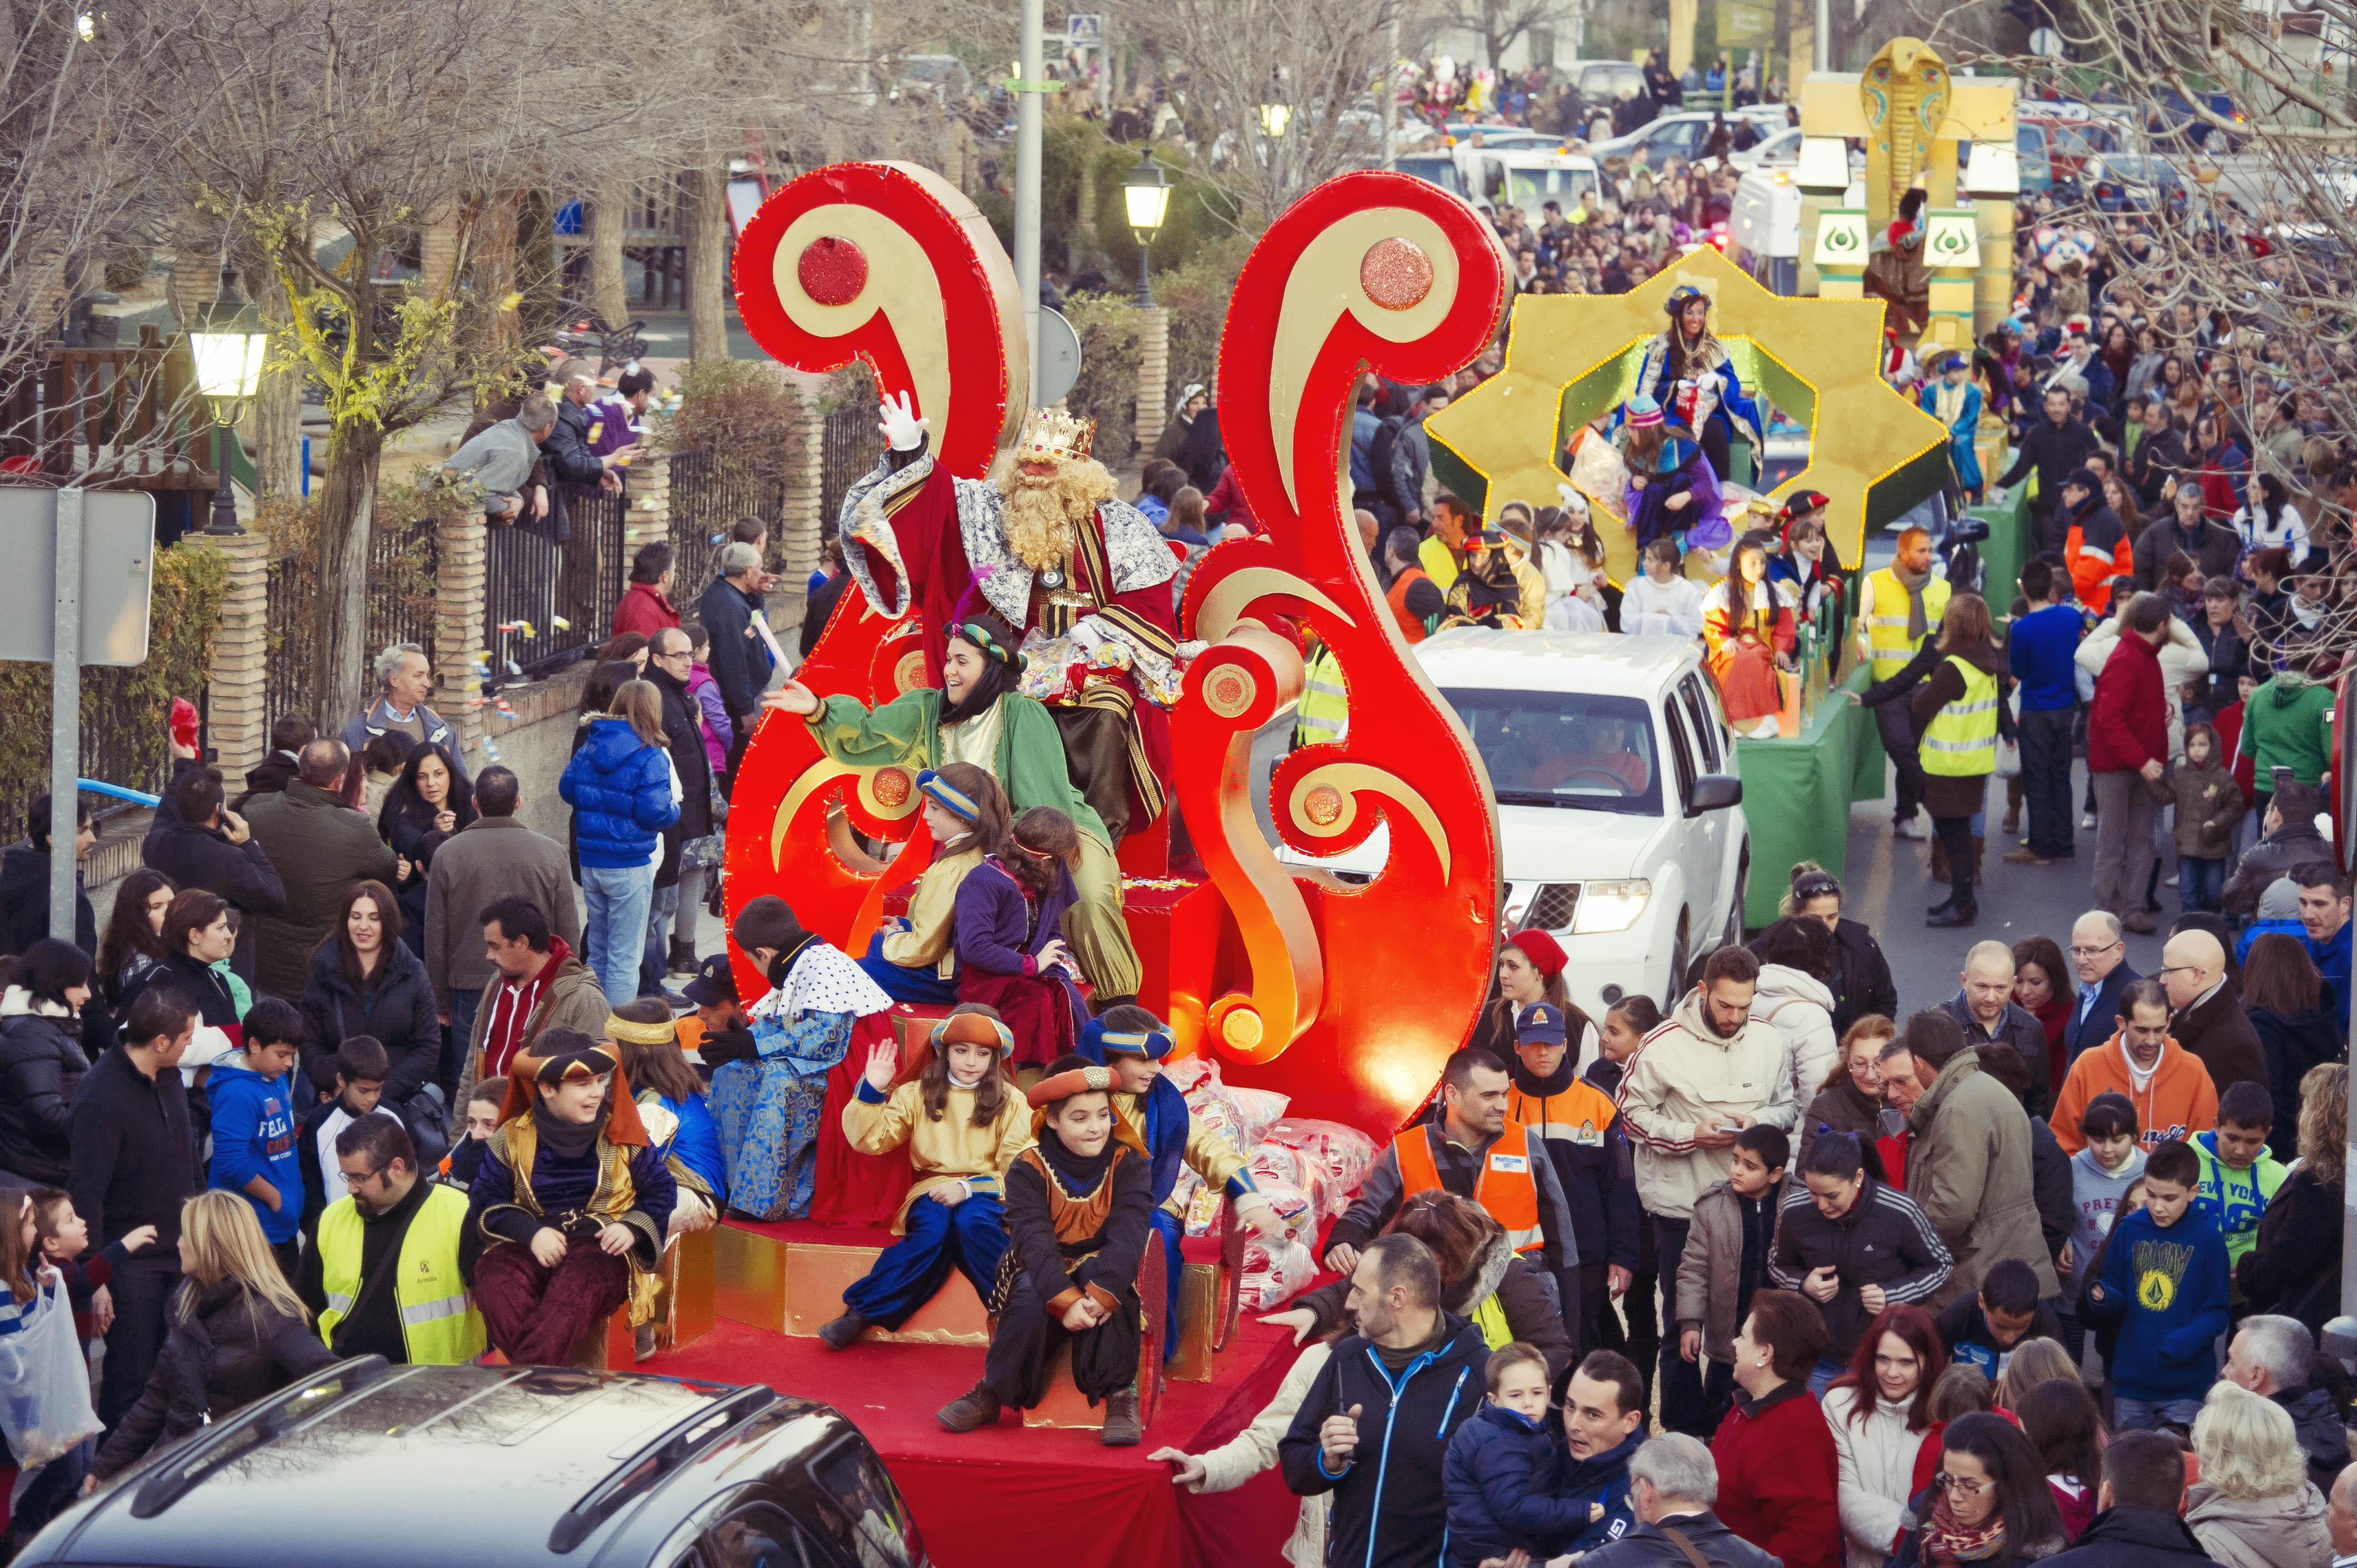 Carrozas De Reyes Magos Fotos.Armilla Celebra Este Lunes Su Gran Cabalgata De Los Reyes Magos